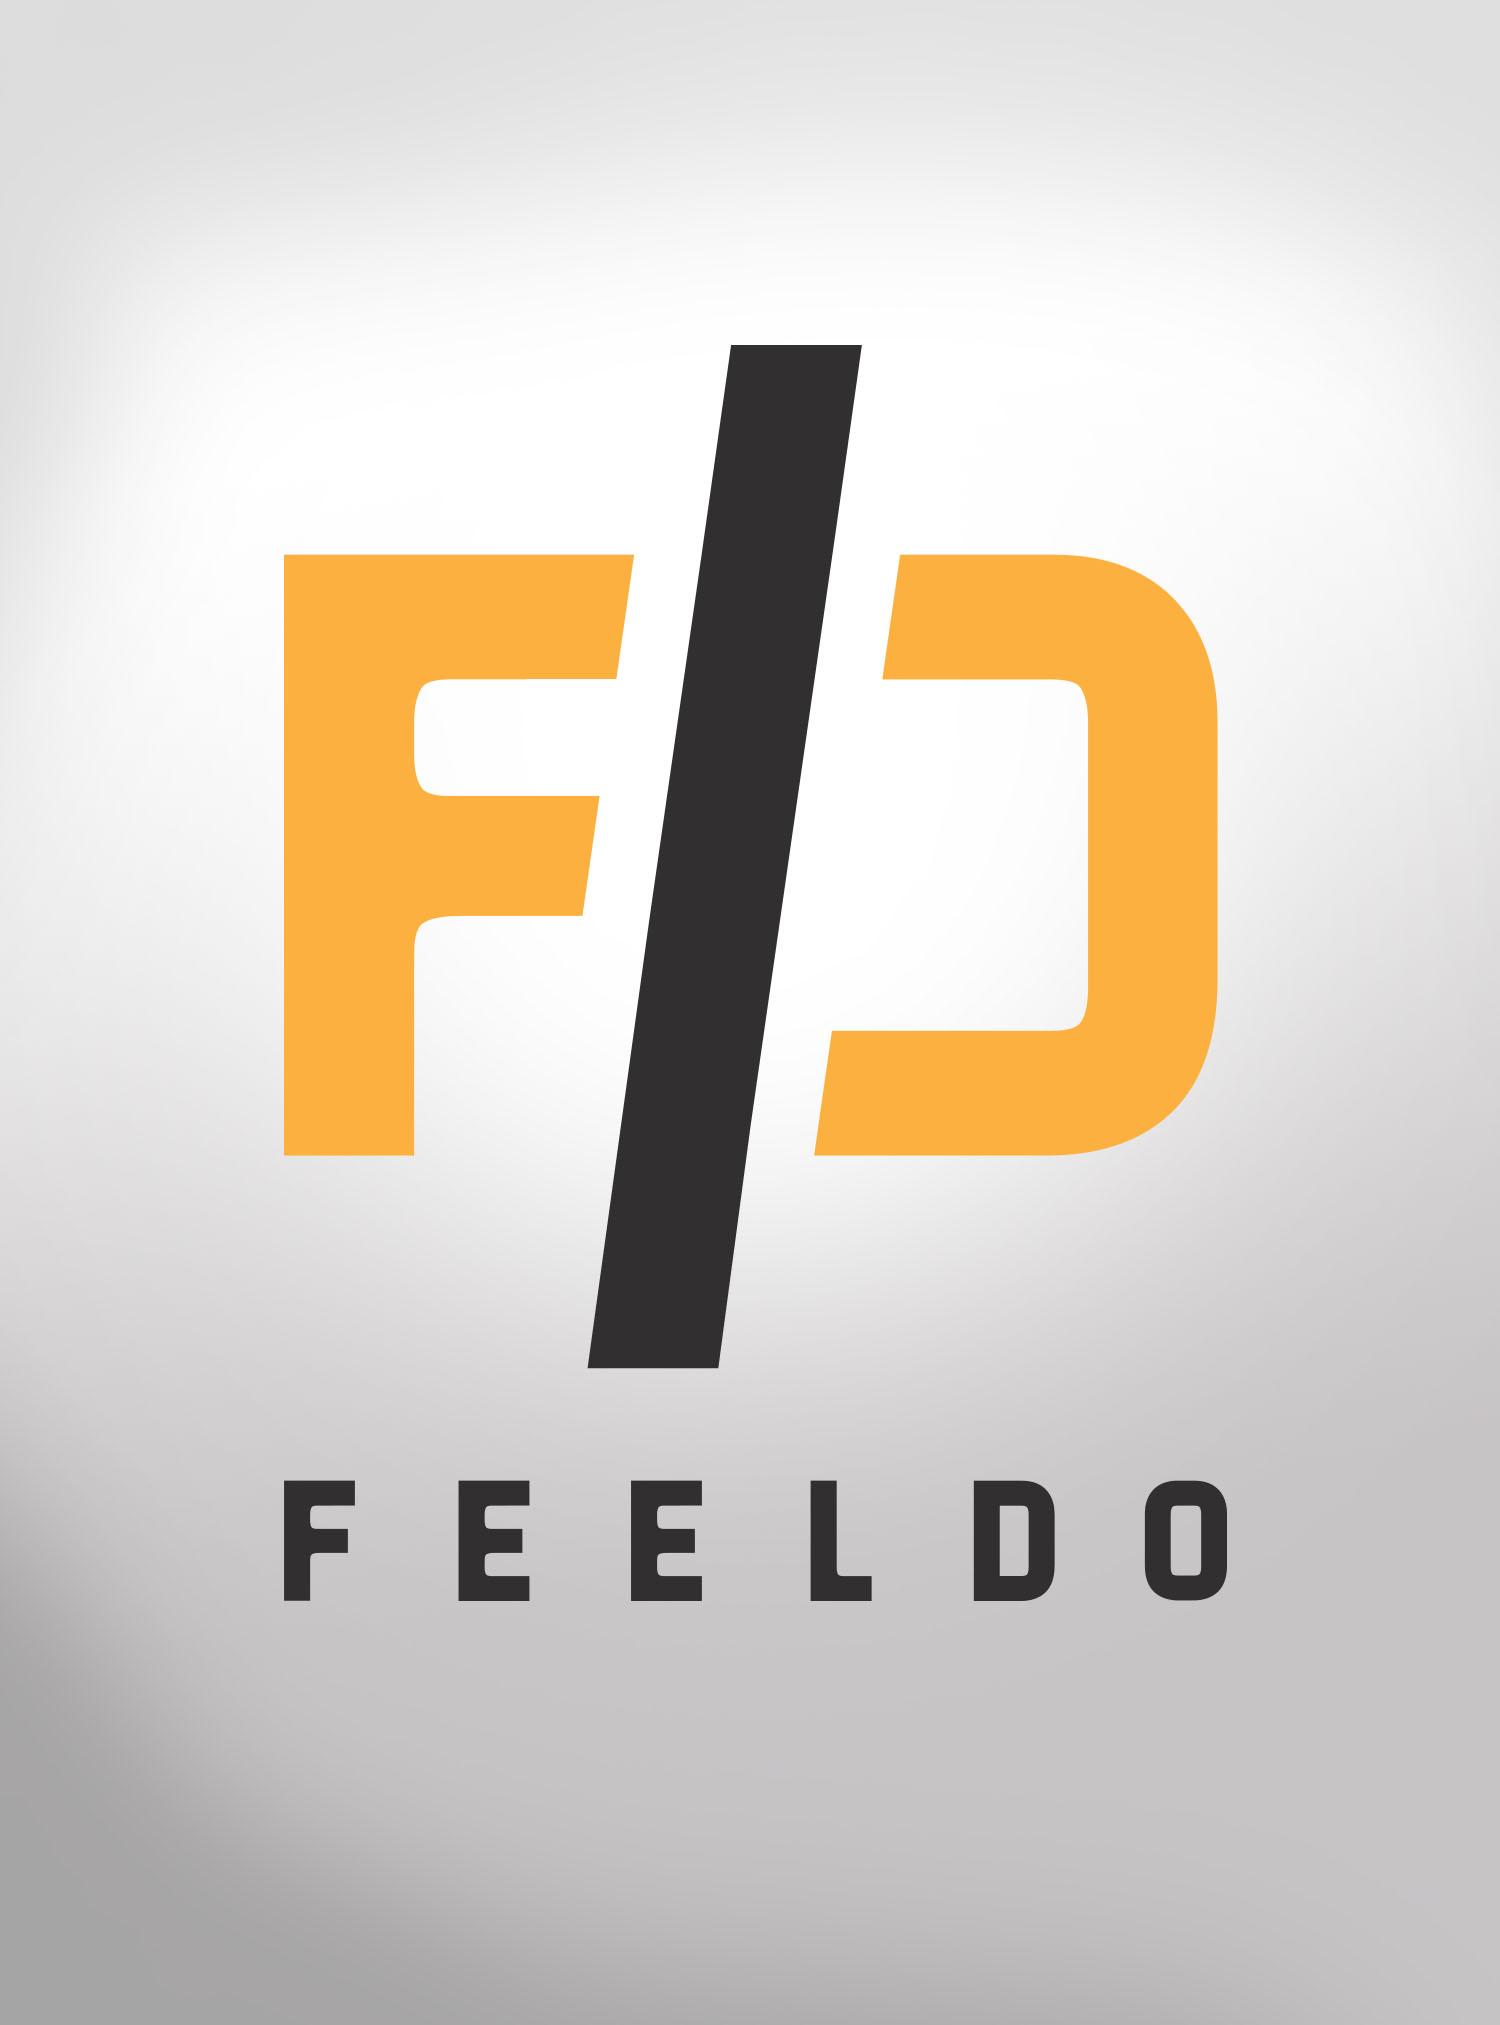 feeldo